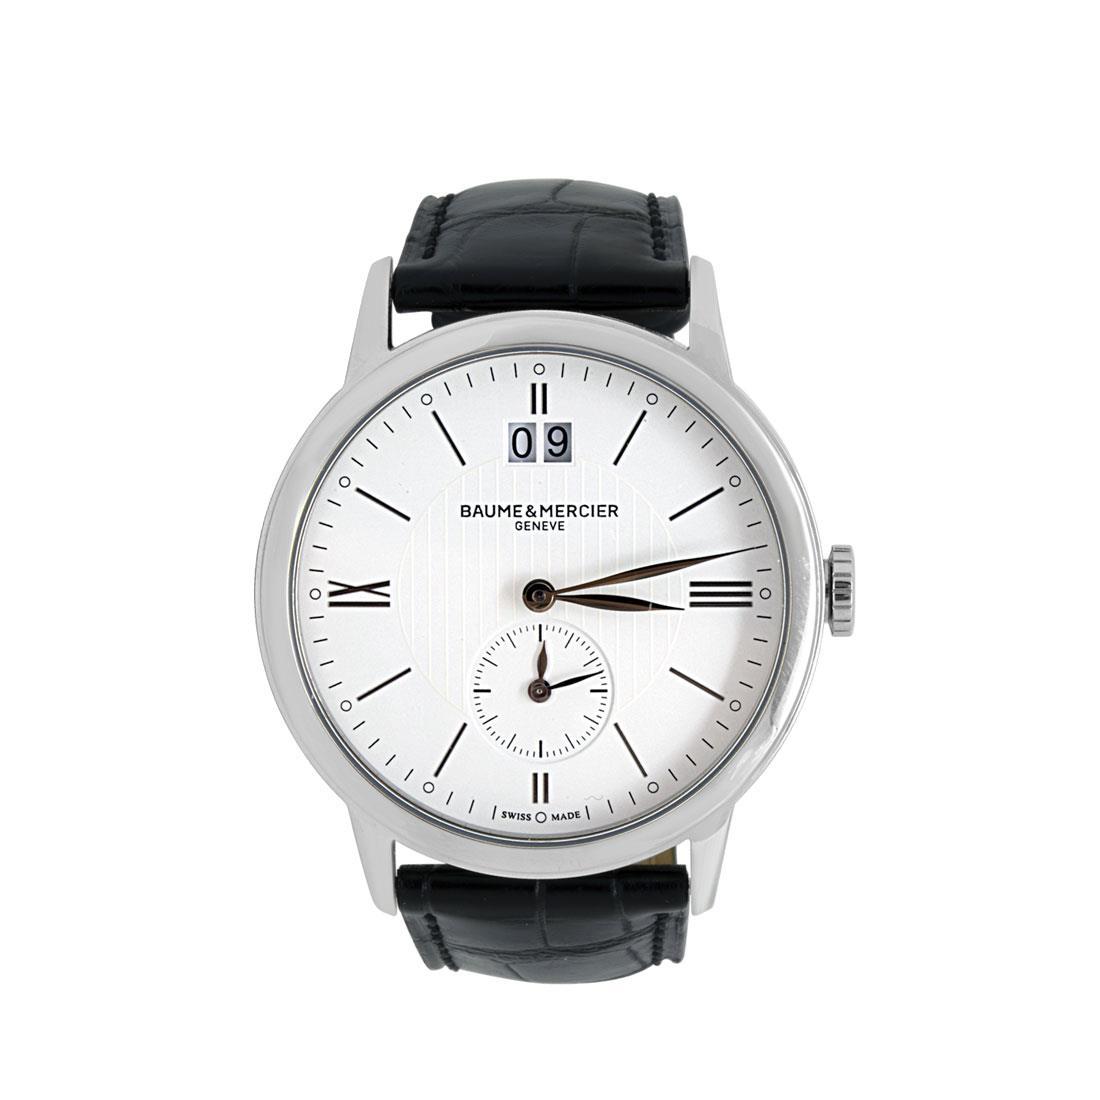 Orologio uomo Baume & Mercier con cassa 40 mm   - BAUME & MERCIER